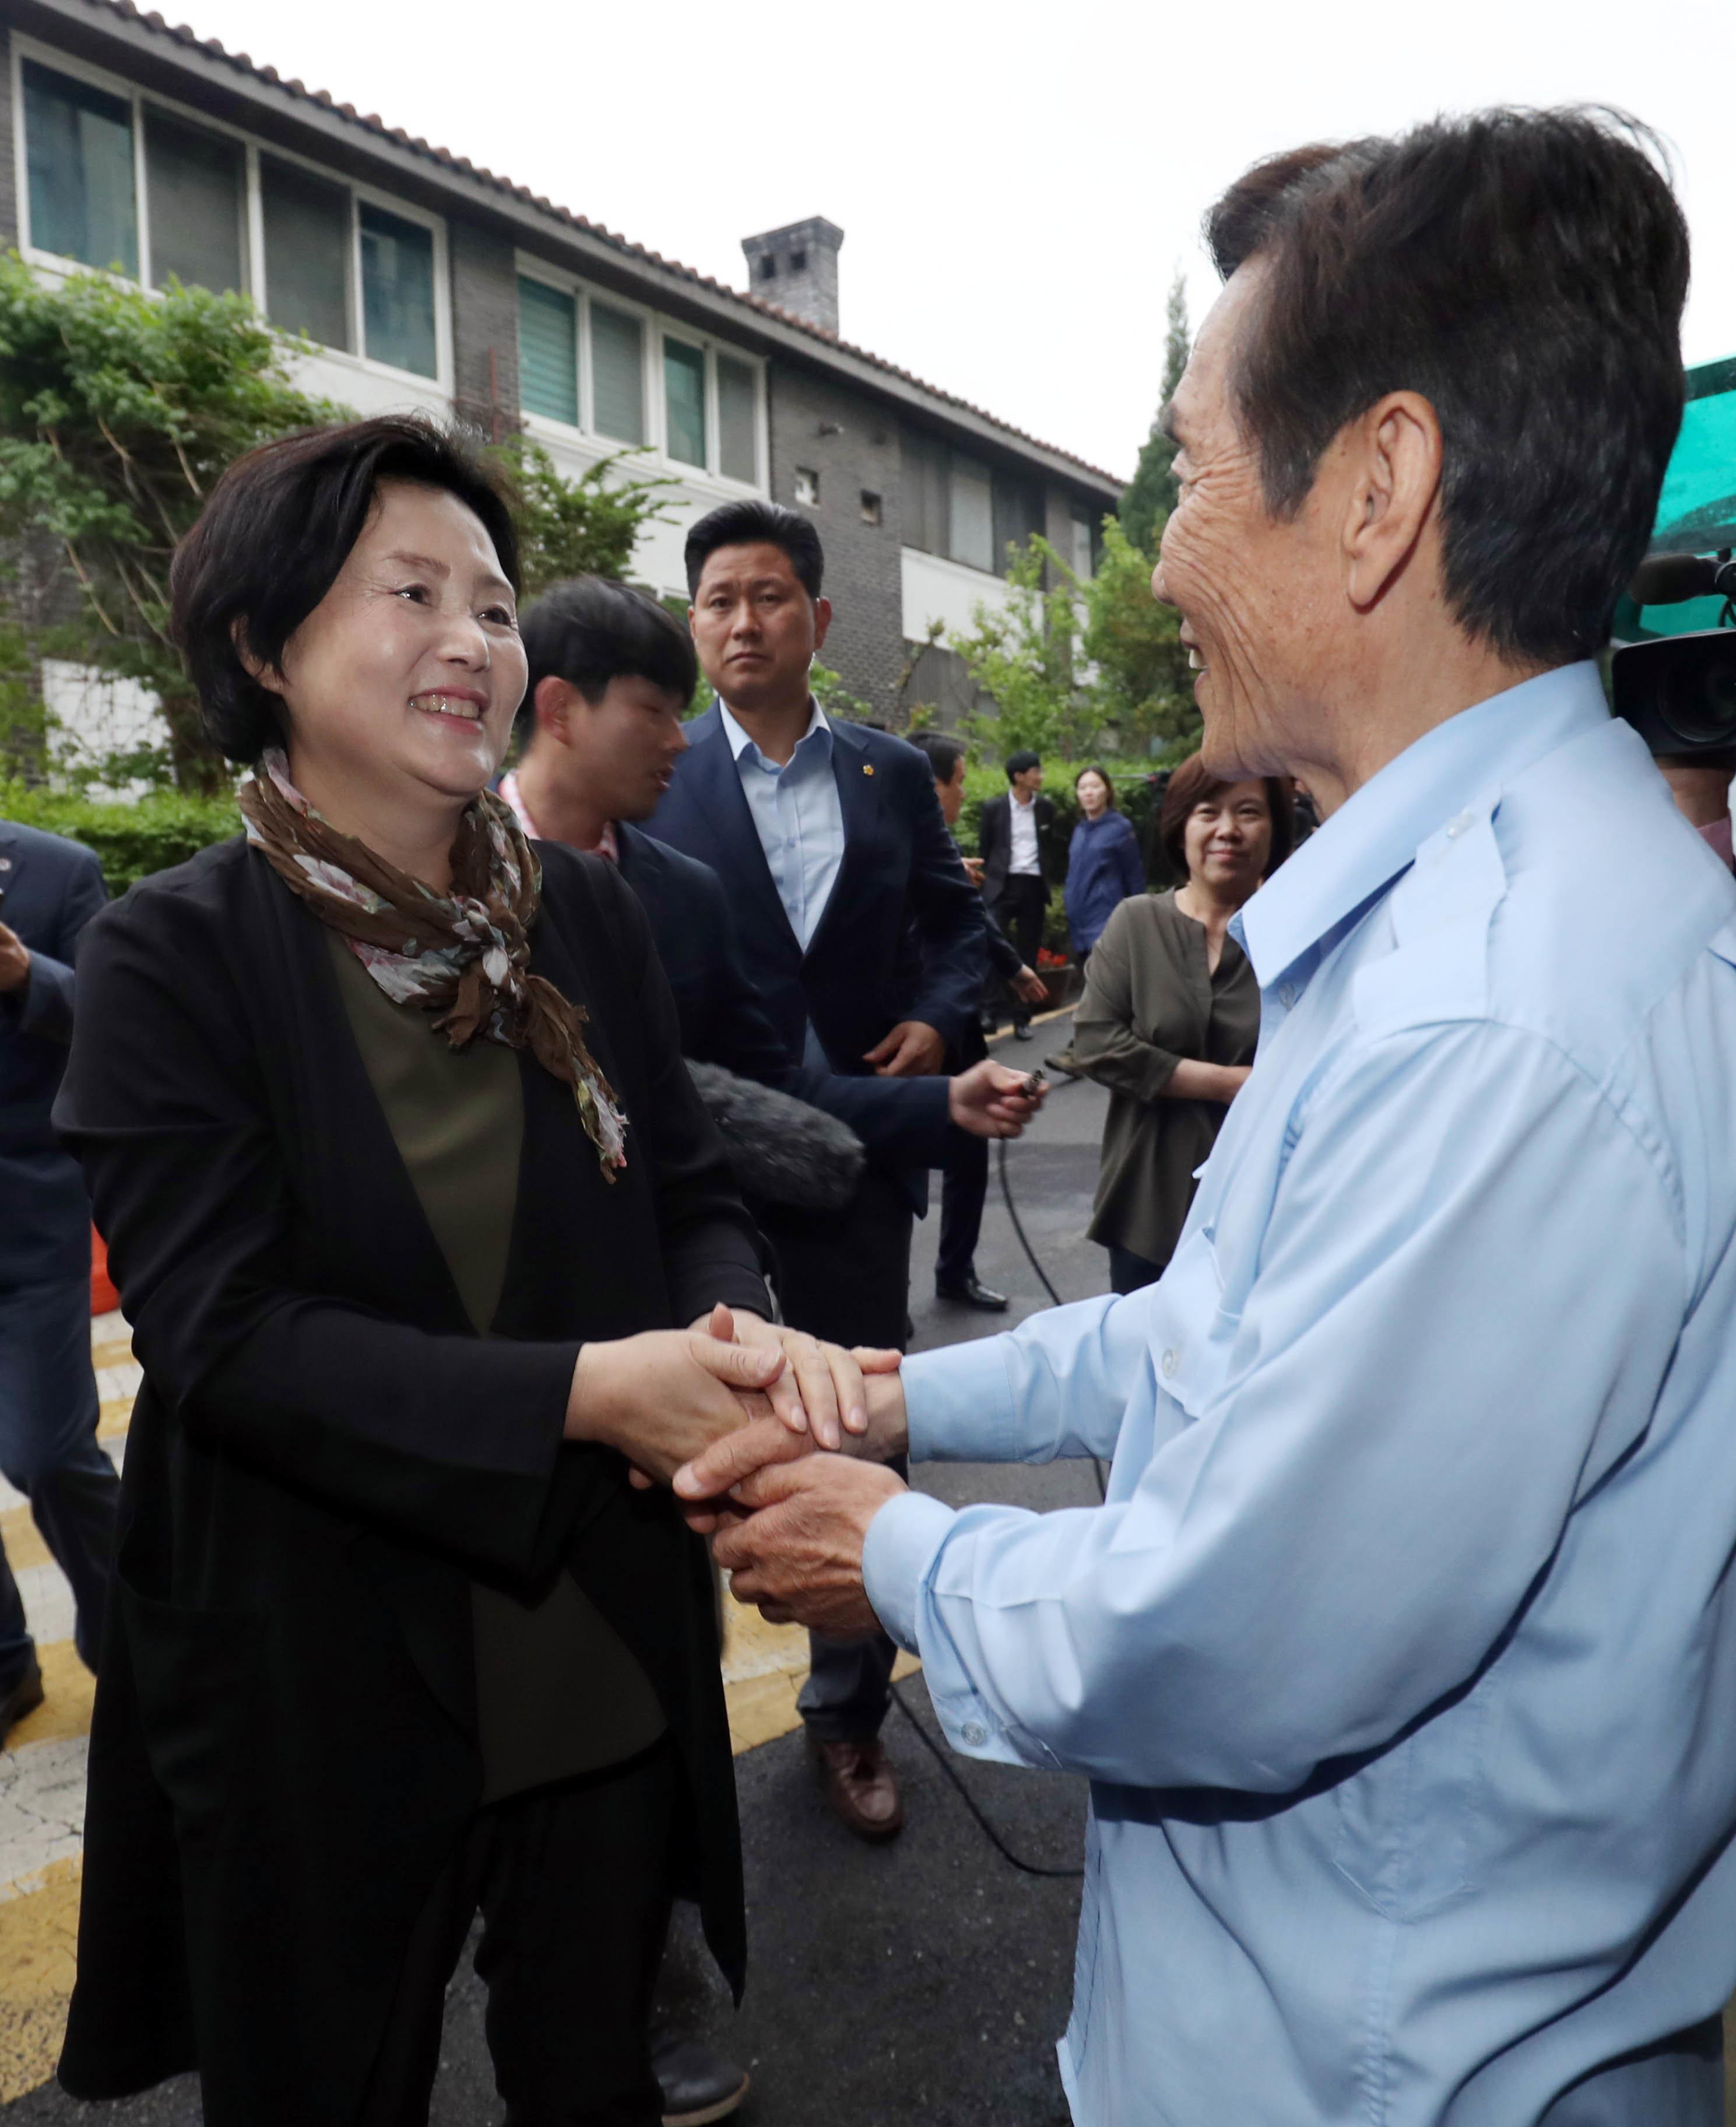 문 대통령 홍은동 집, 손혜원 보좌관이 샀다는 보도에서 알 수 있는